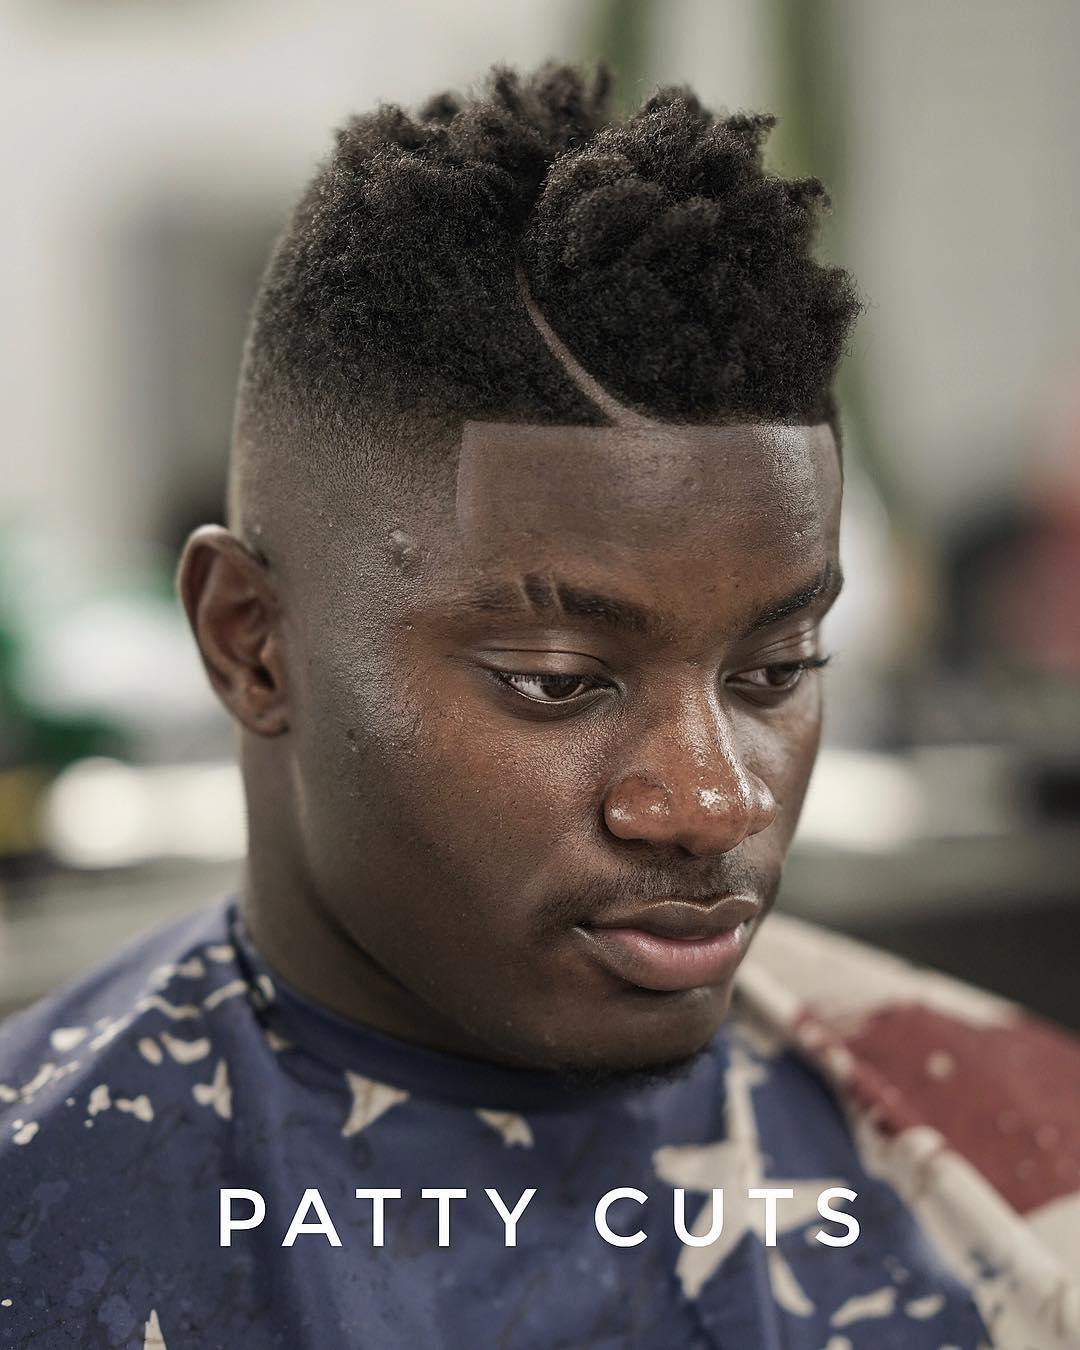 47 coupes de cheveux cool et elegantes pour les hommes noirs a essayer maintenant 5f3f9420431b5 - 47 coupes de cheveux cool et élégantes pour les hommes noirs à essayer maintenant